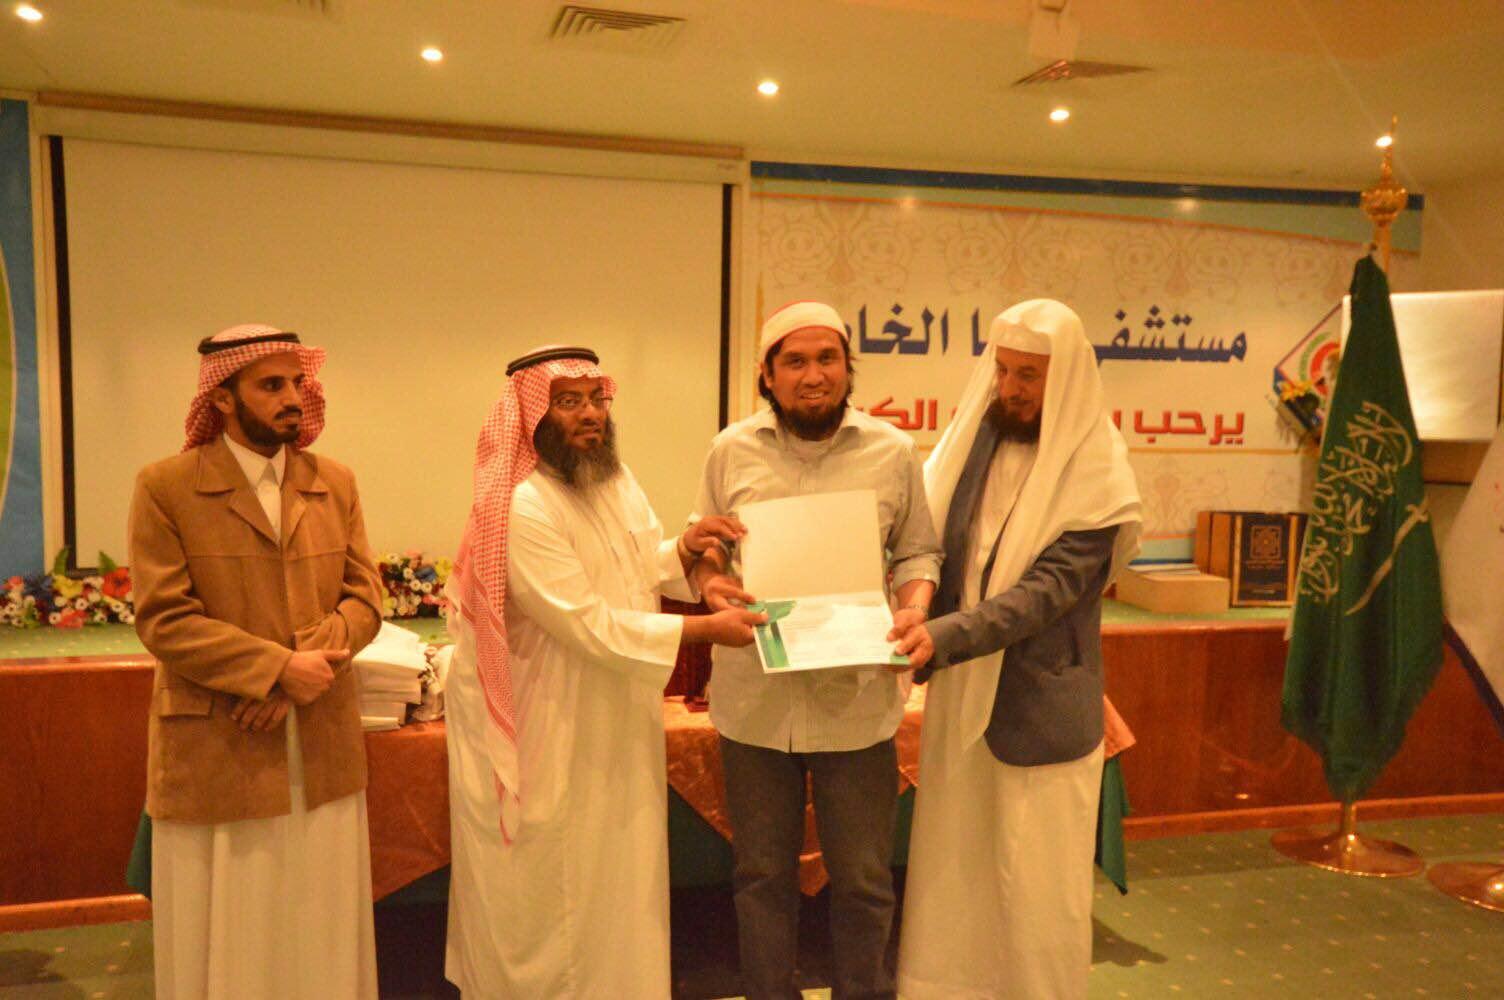 دورة ضوابط دعوة غير المسلمين للإسلام (2)